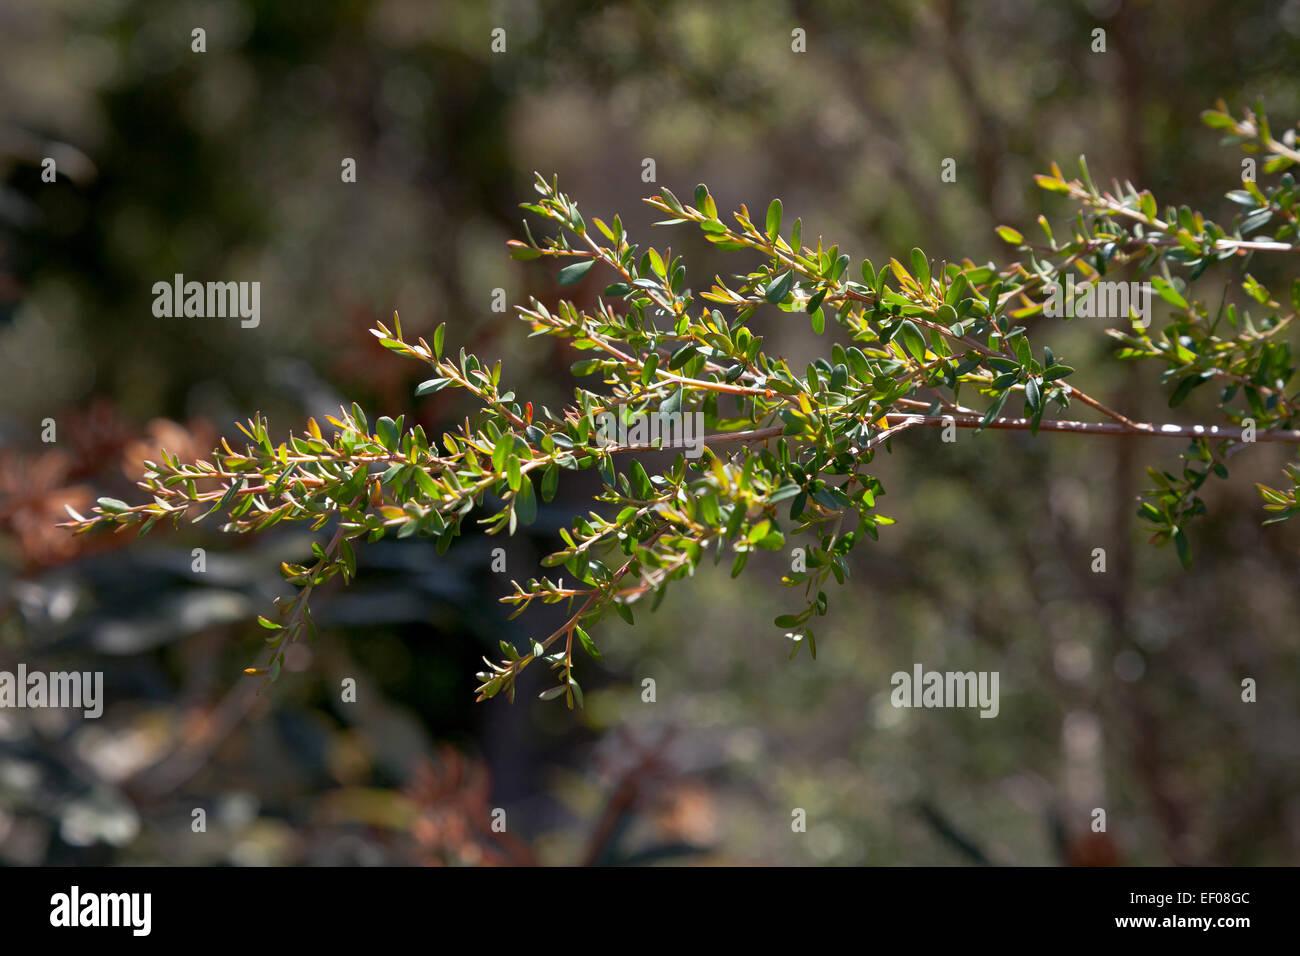 Giallo tea tree branch in NSW, Australia Immagini Stock